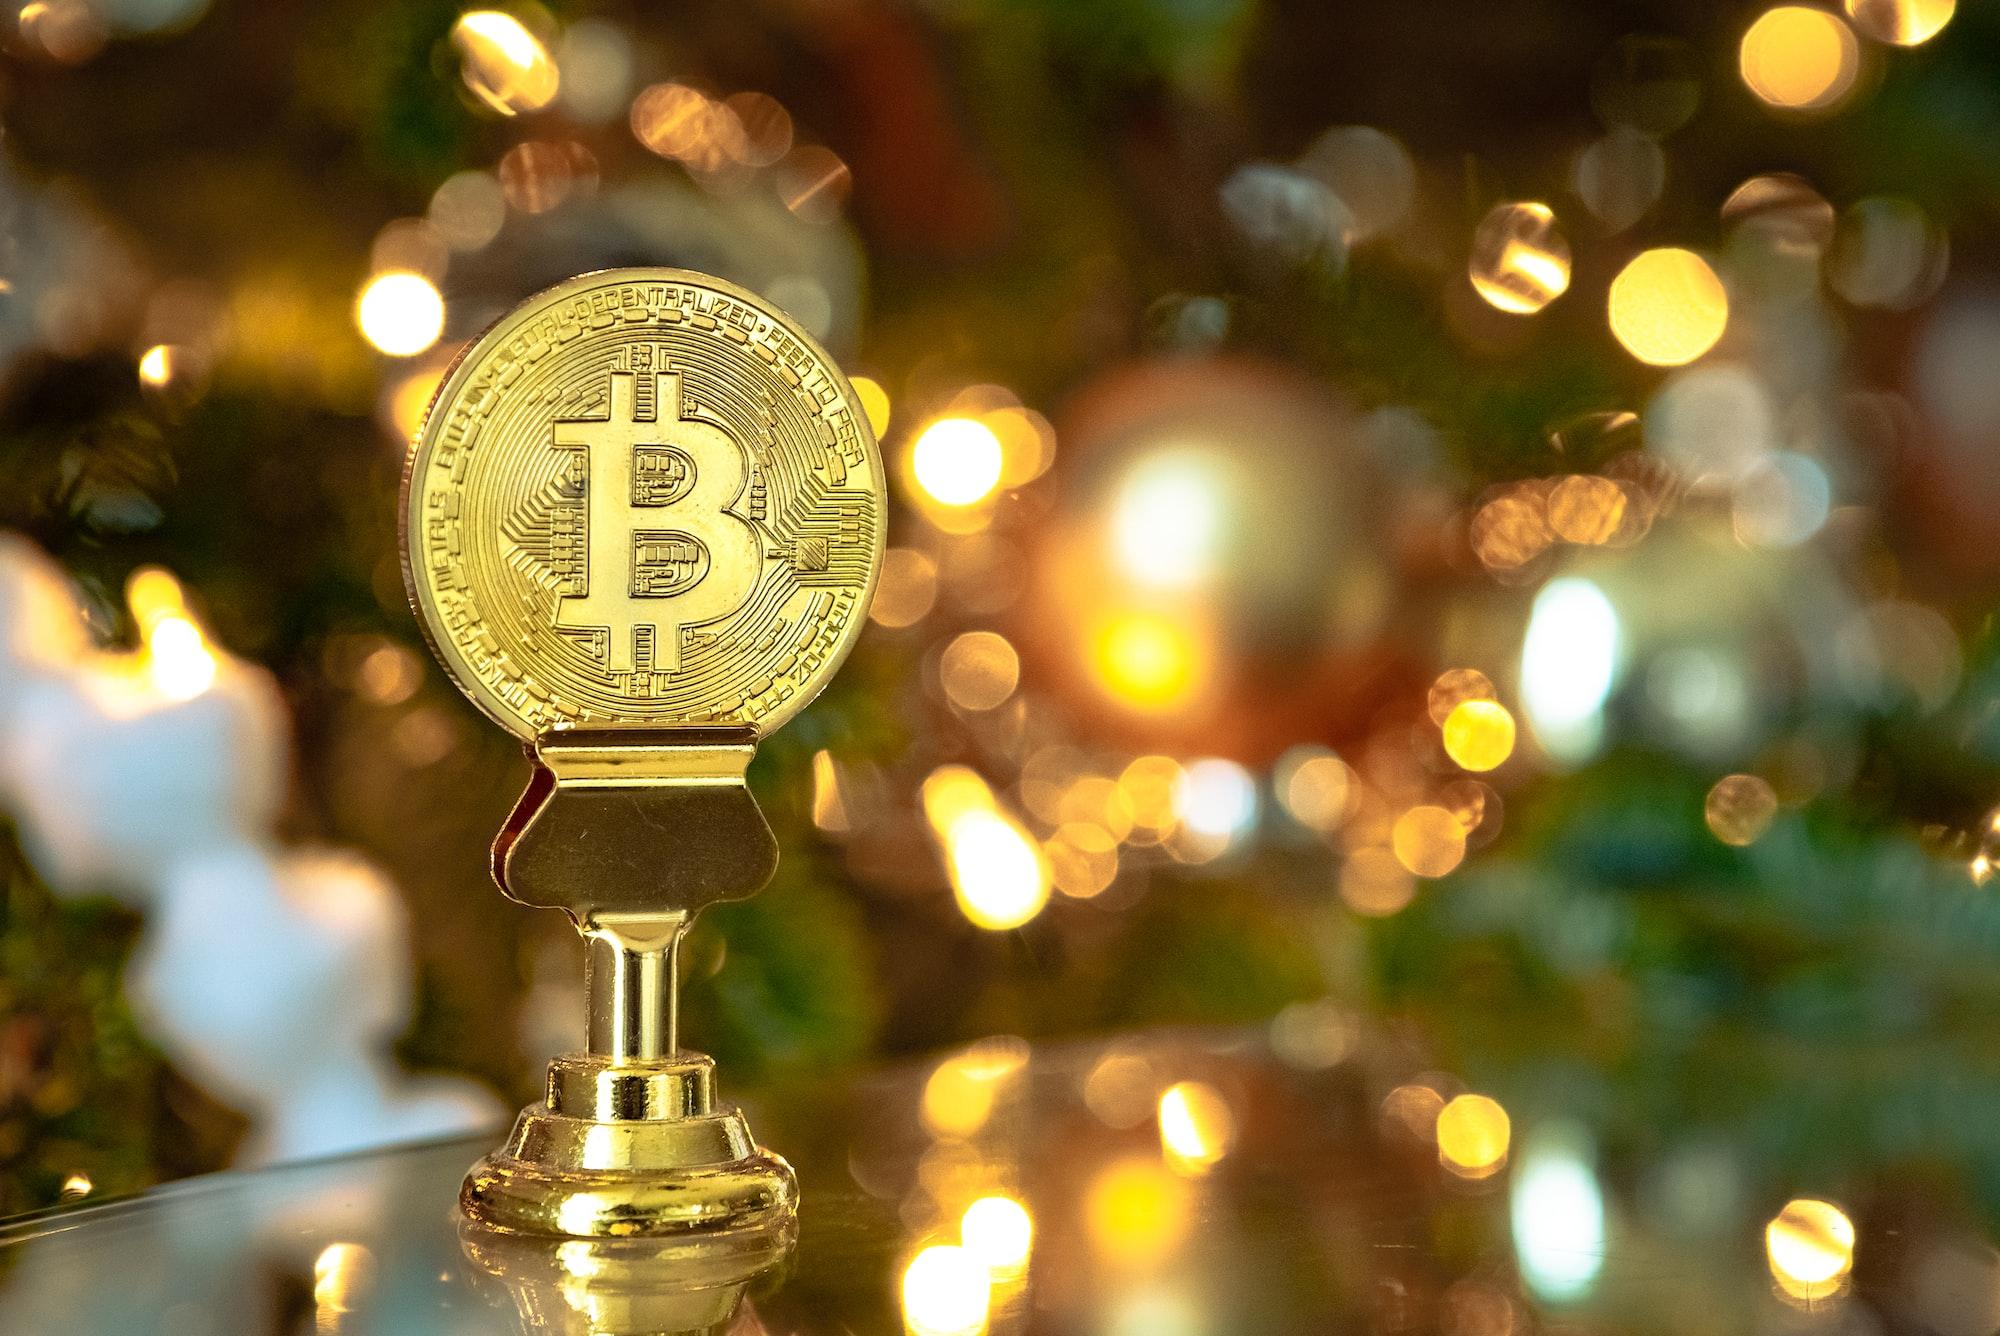 คนดังในอุตสาหกรรมคริปโตคาดการณ์ราคา Bitcoin ไว้อย่างไรบ้าง?